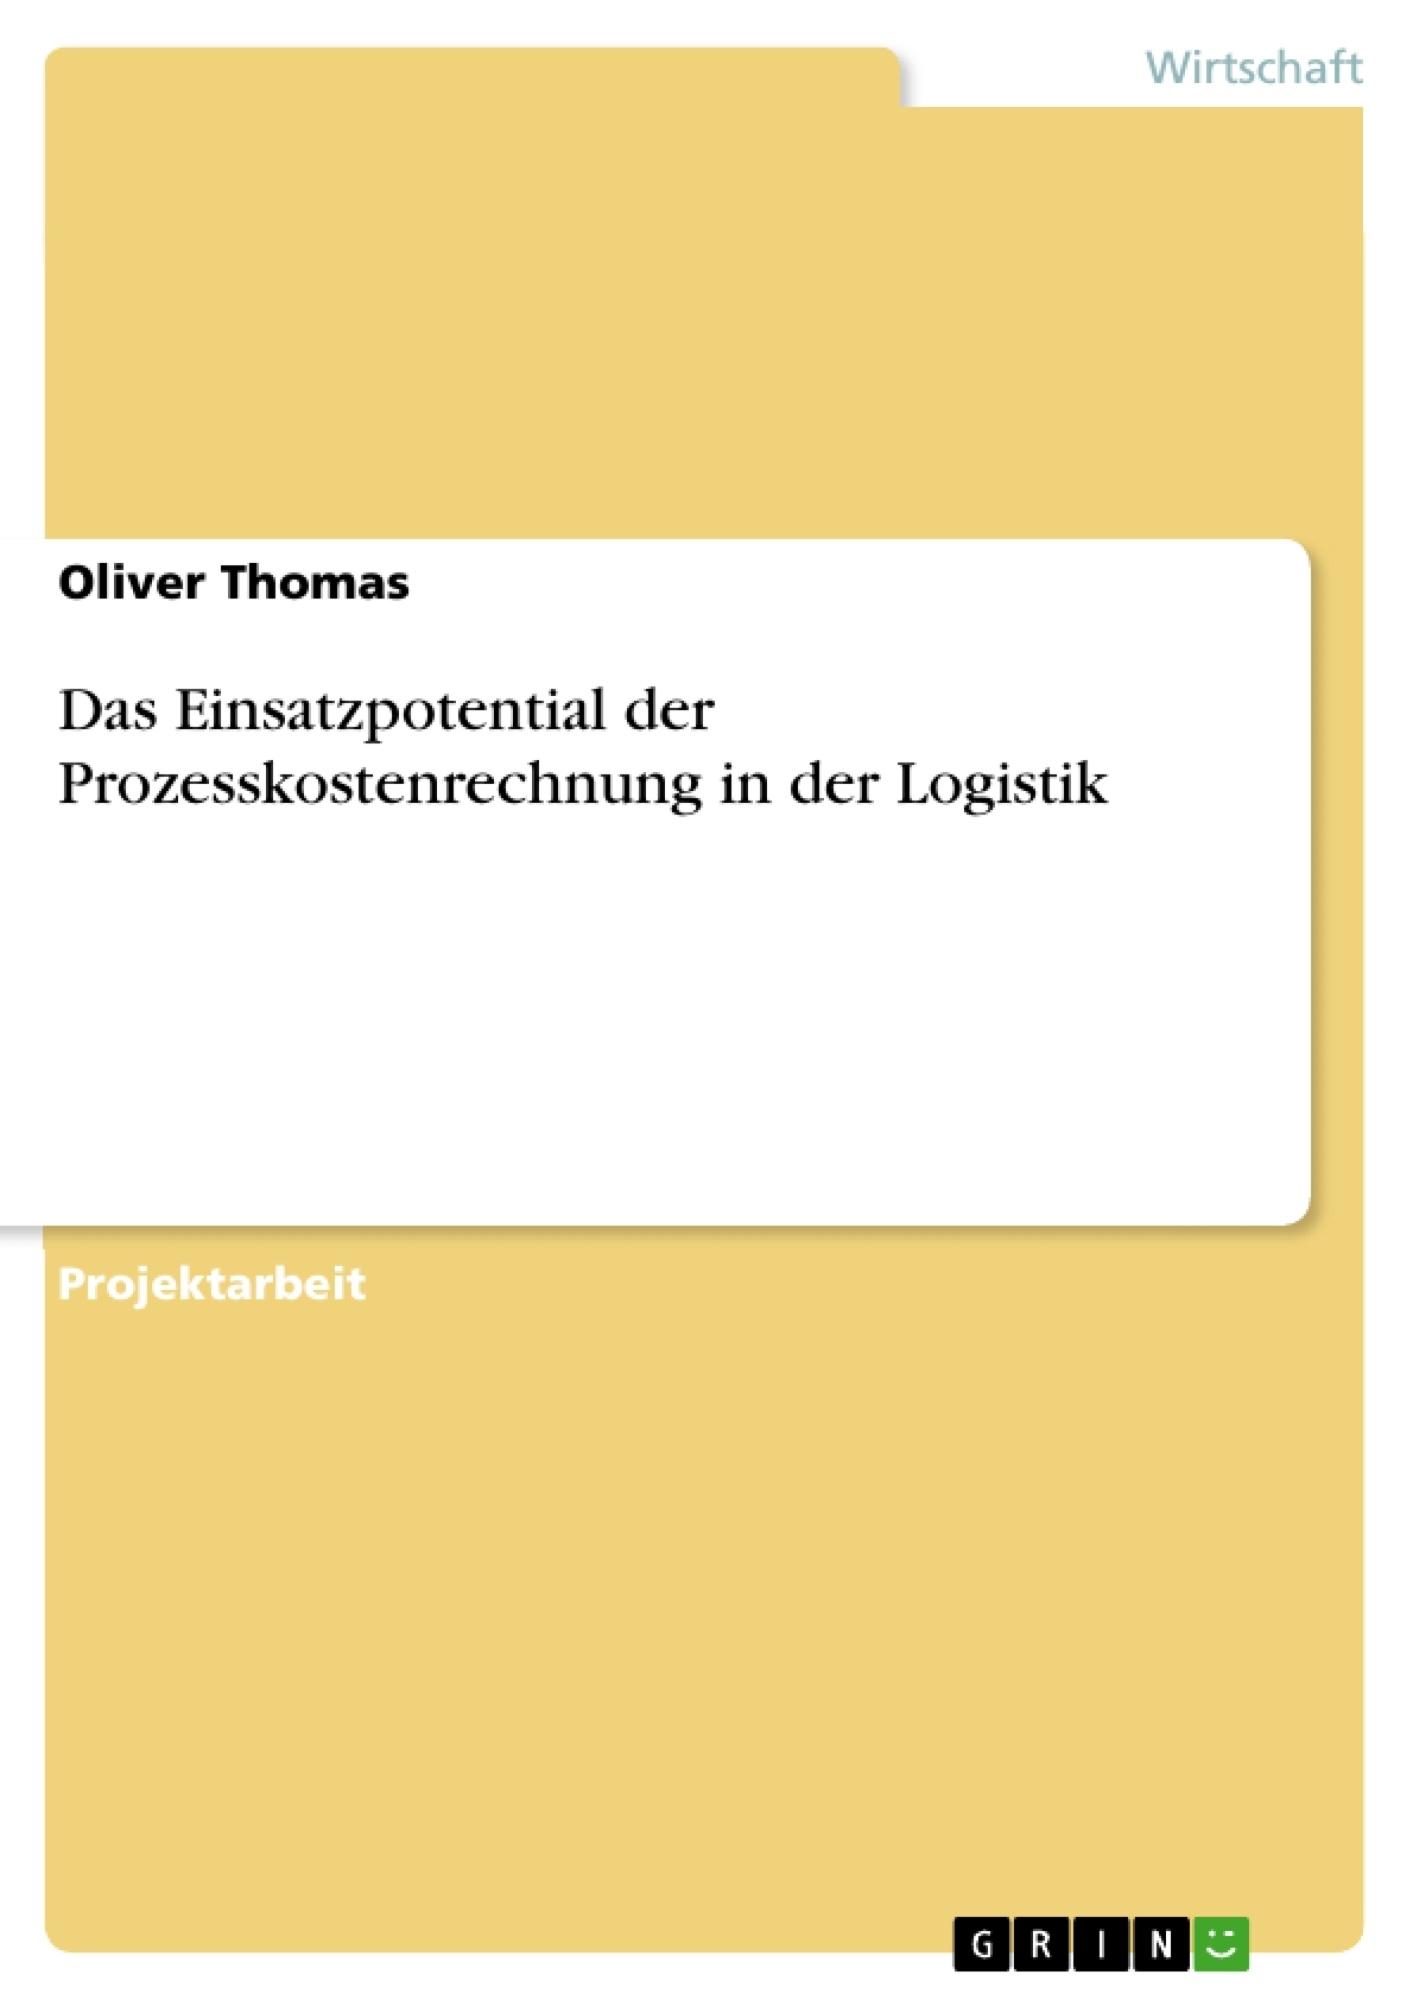 Titel: Das Einsatzpotential der Prozesskostenrechnung in der Logistik